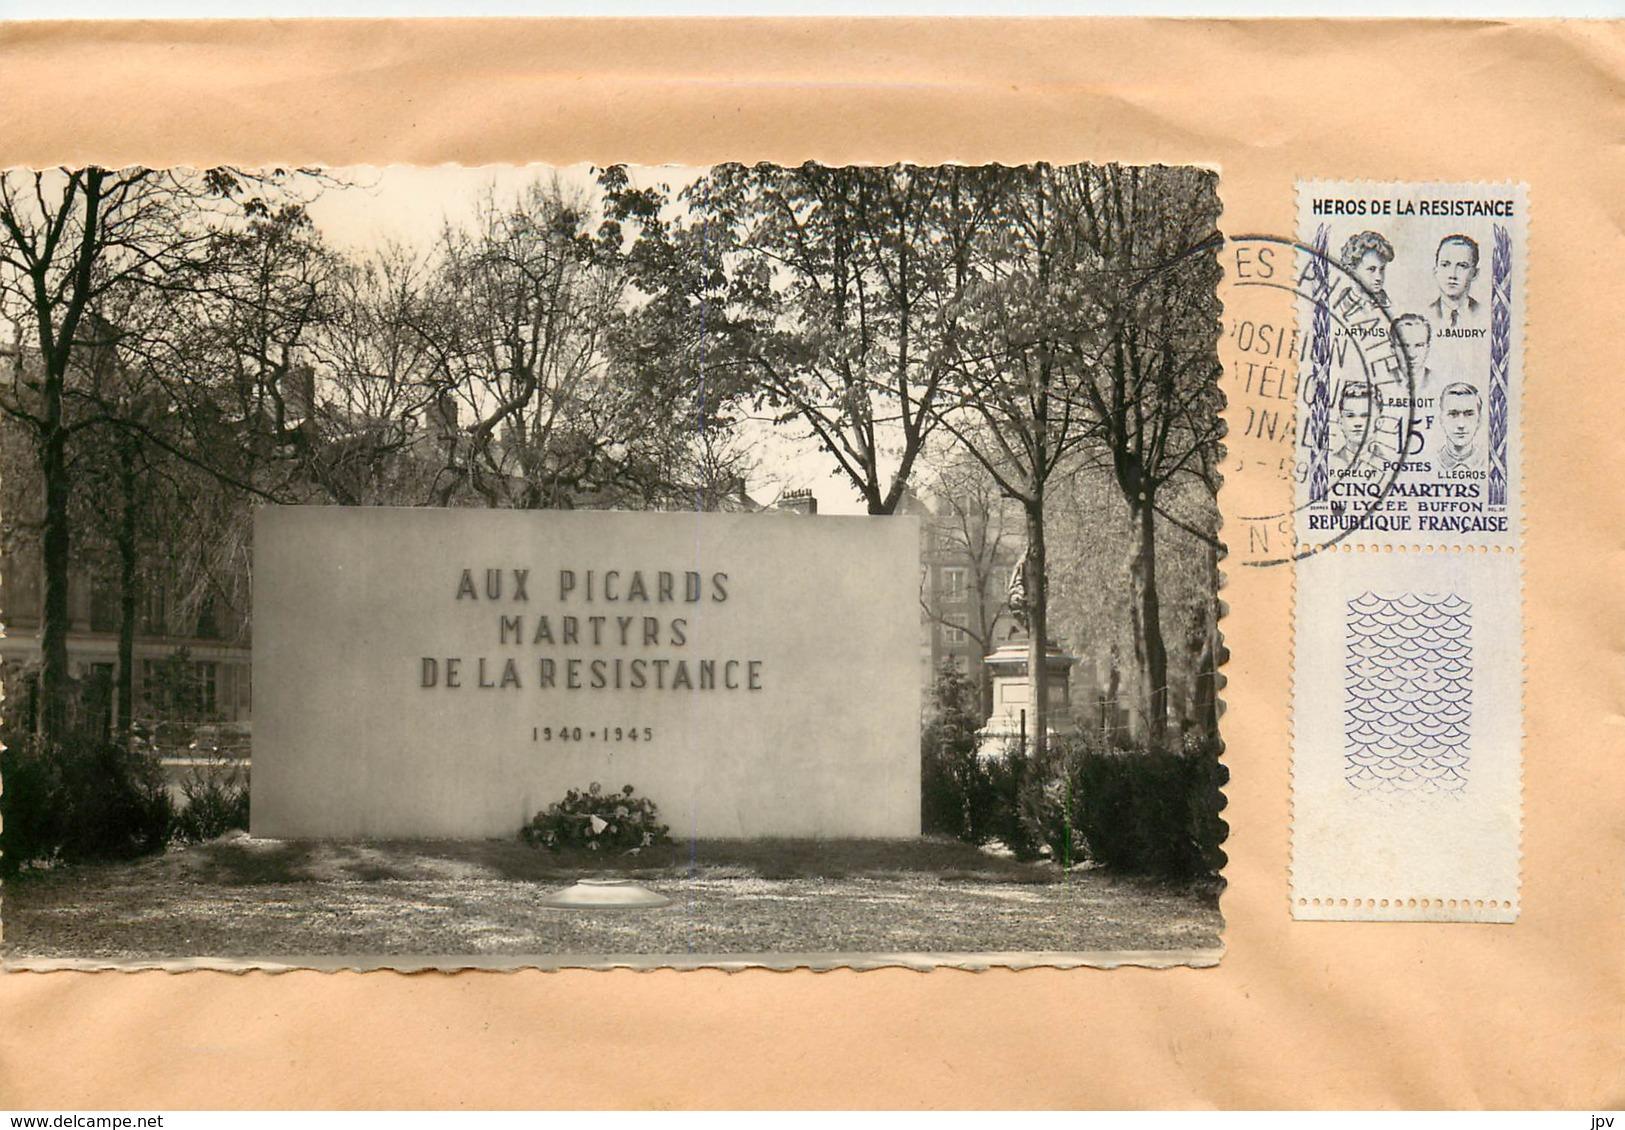 """ENVELOPPE AVEC CACHET DE """"AMIENS-C P SUR ENVELOPPE-EXPOSITION PHILATHELIQUE""""-TIMBRE HEROS DE LA RESISTANCE 19/05/1959 - Marcofilia (Sellos Separados)"""